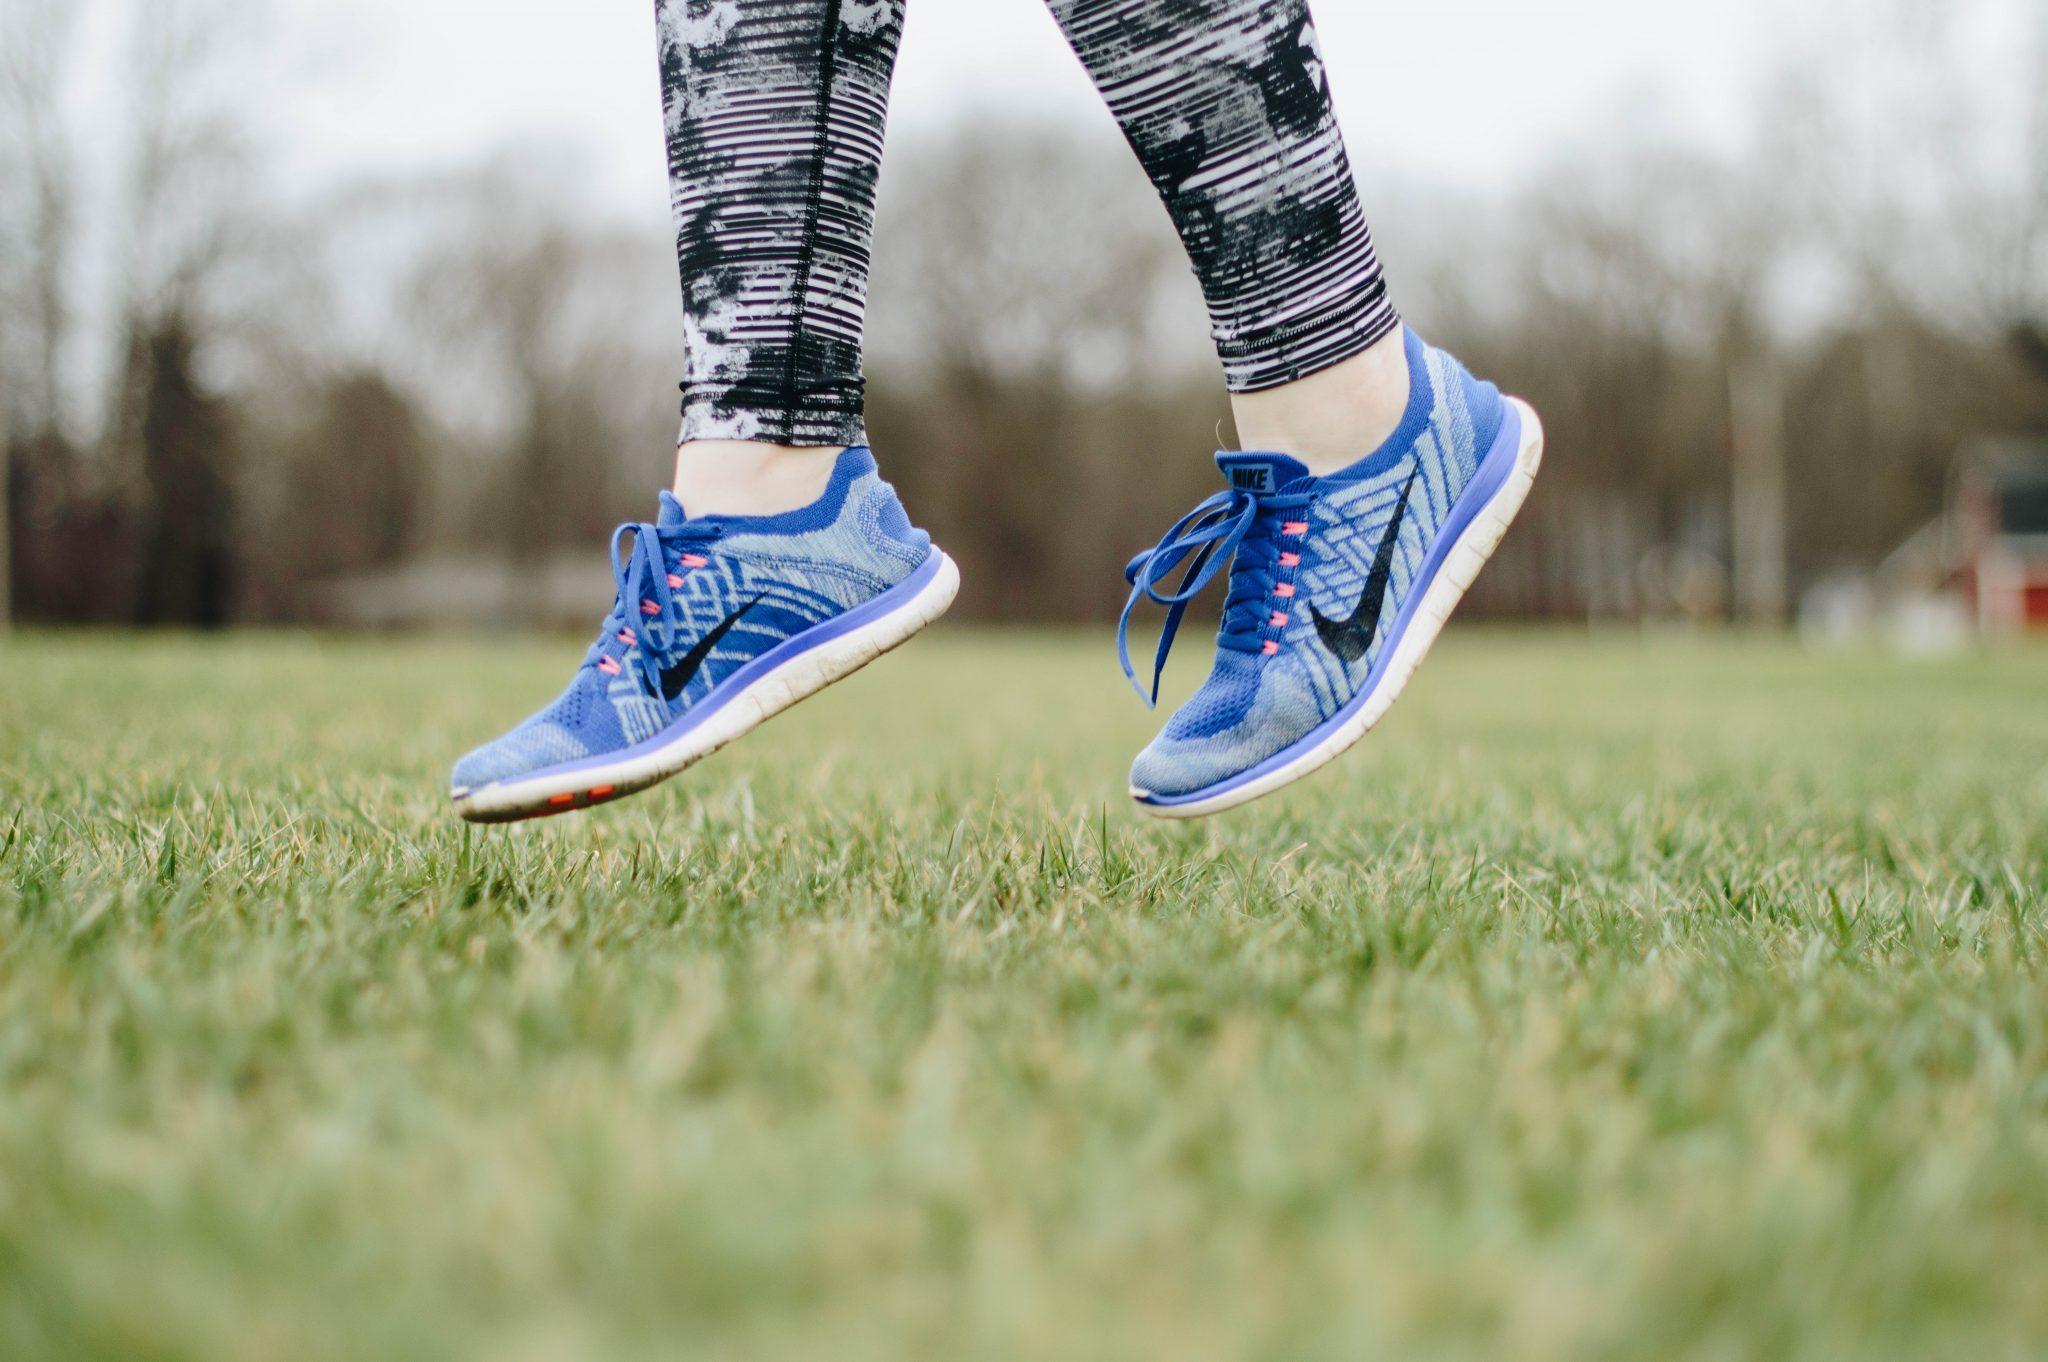 Saúde é equilíbrio entre corpo, mente e espírito